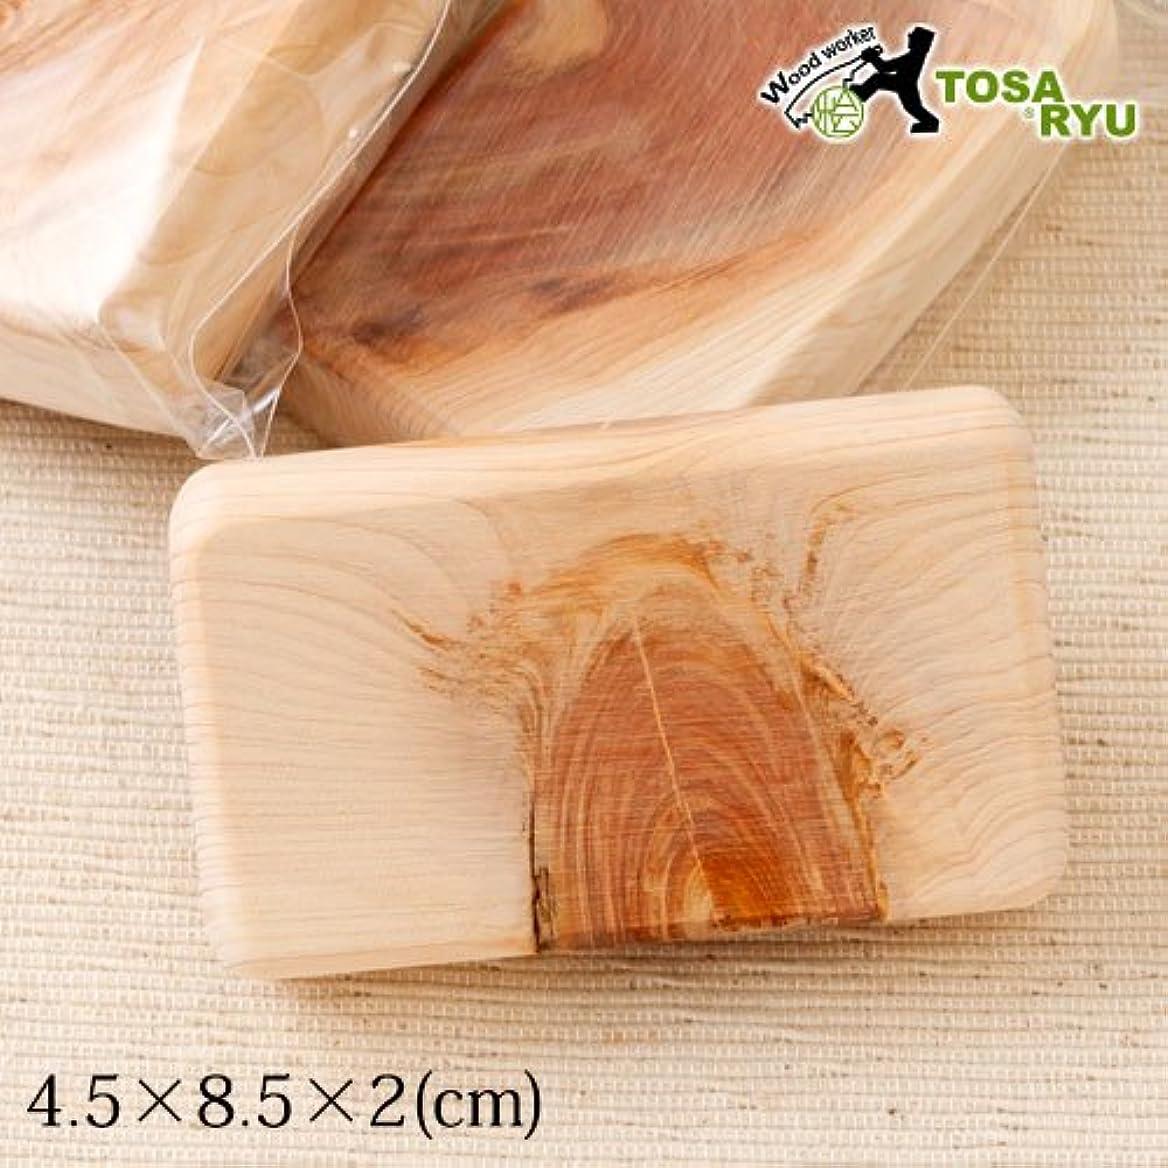 唯一バイオリン踏みつけ土佐龍アロマブロック(1個)高知県の工芸品Aroma massager of cypress, Kochi craft